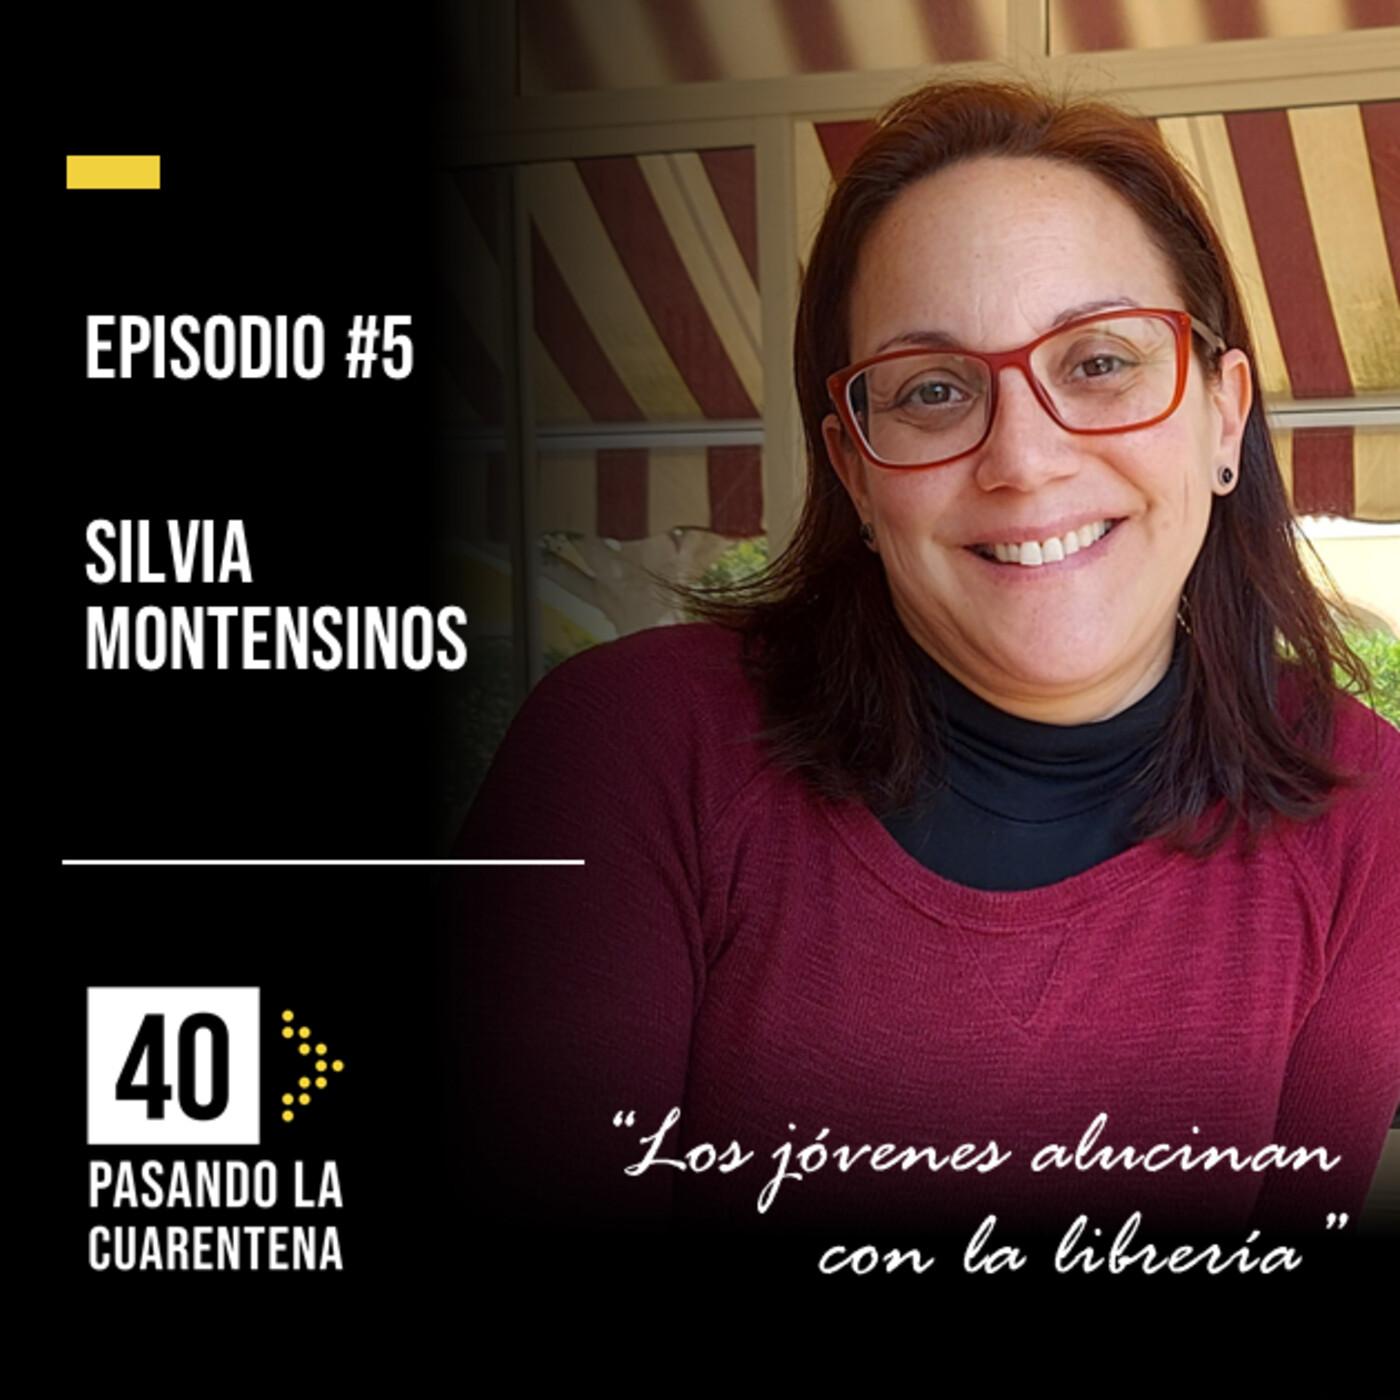 """#5 Silvia Montesinos: """"Los jóvenes alucinan con la librería"""" en Pasando la cuarentena en a las -…"""